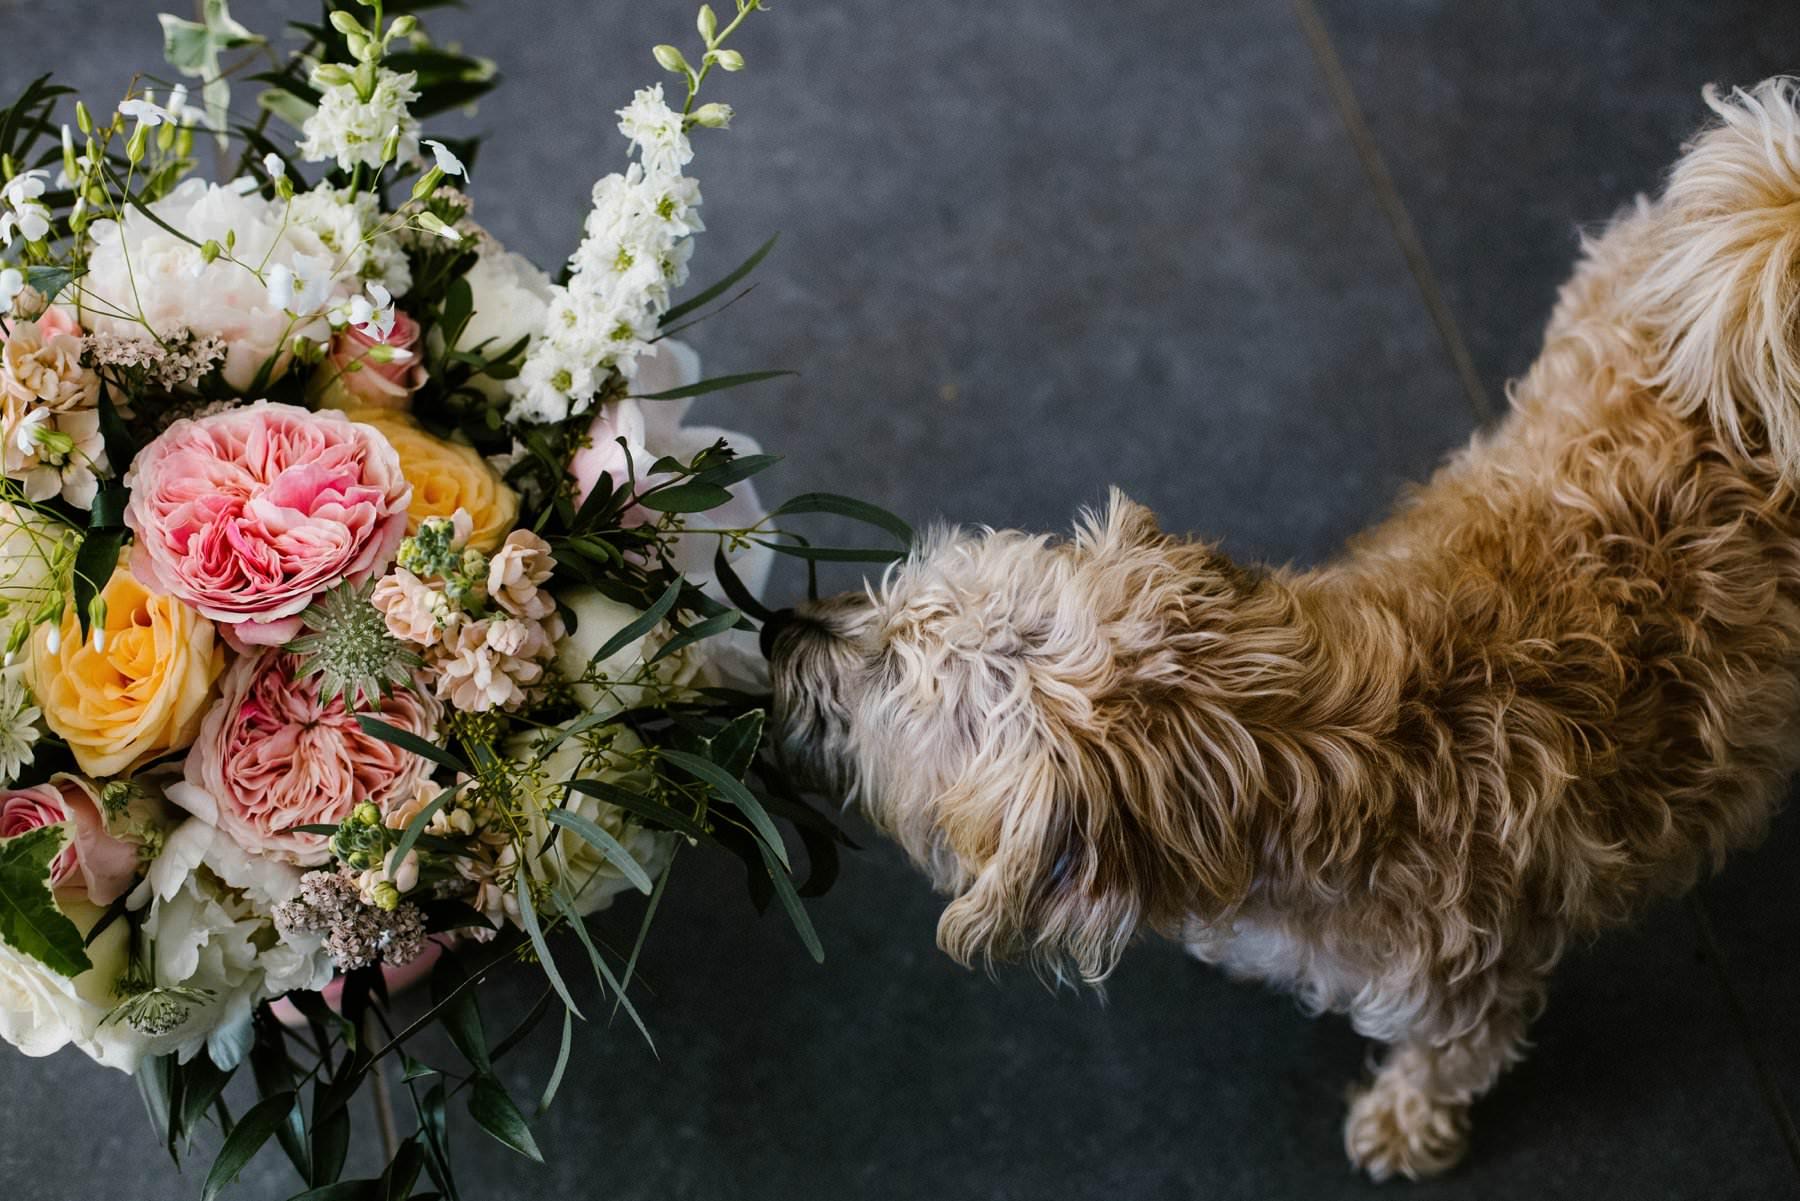 dog smelling a wedding bouquet